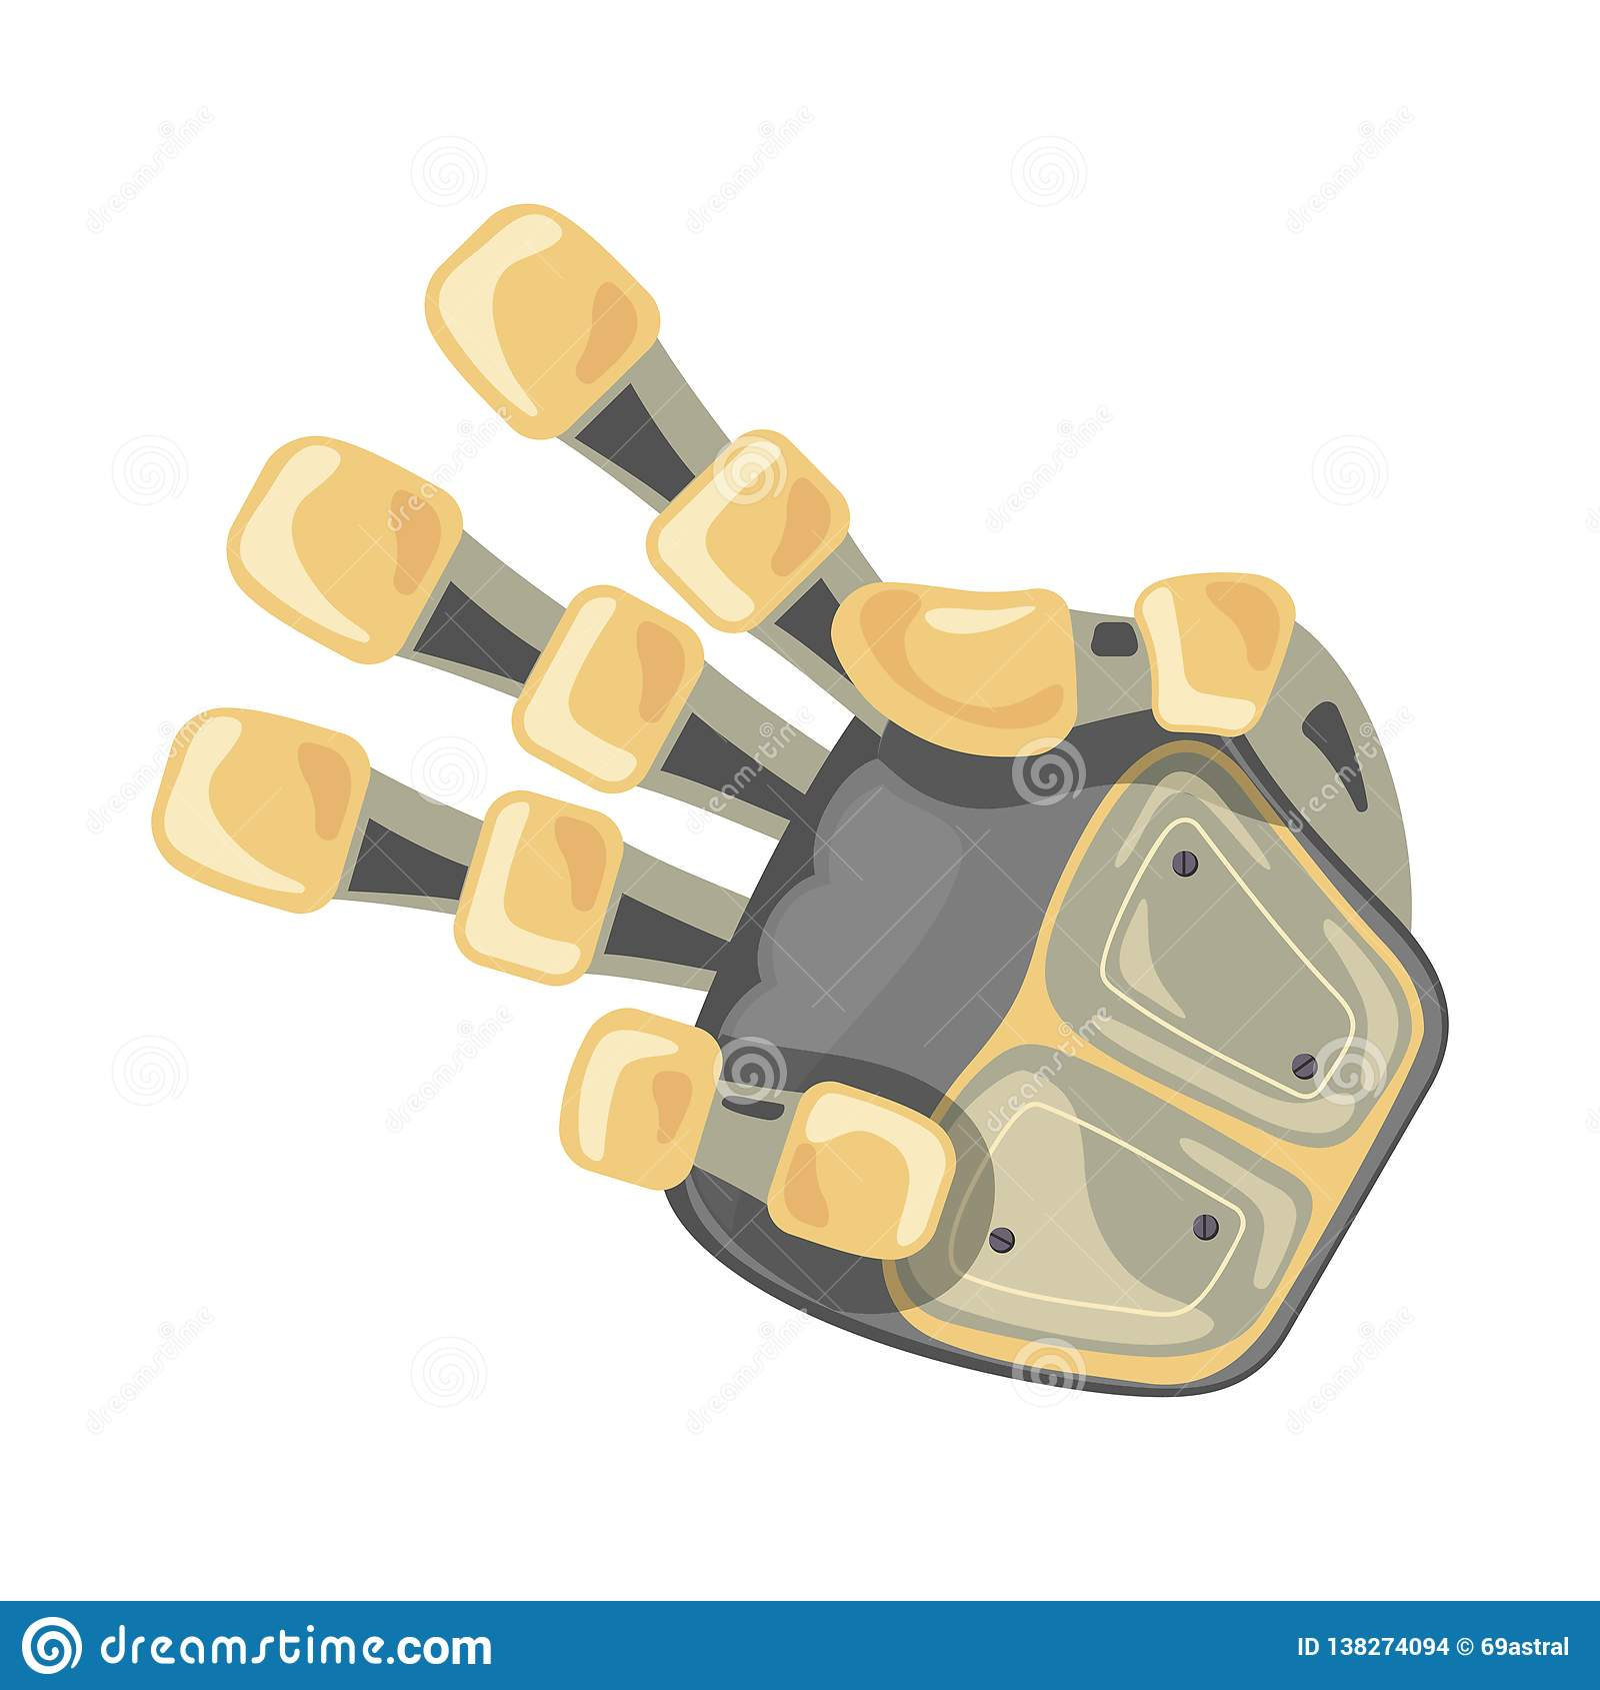 Robot hand. Mechanical technology machine engineering symbol. Hand gestures. Three. Pointer. Third. Futuristic design.